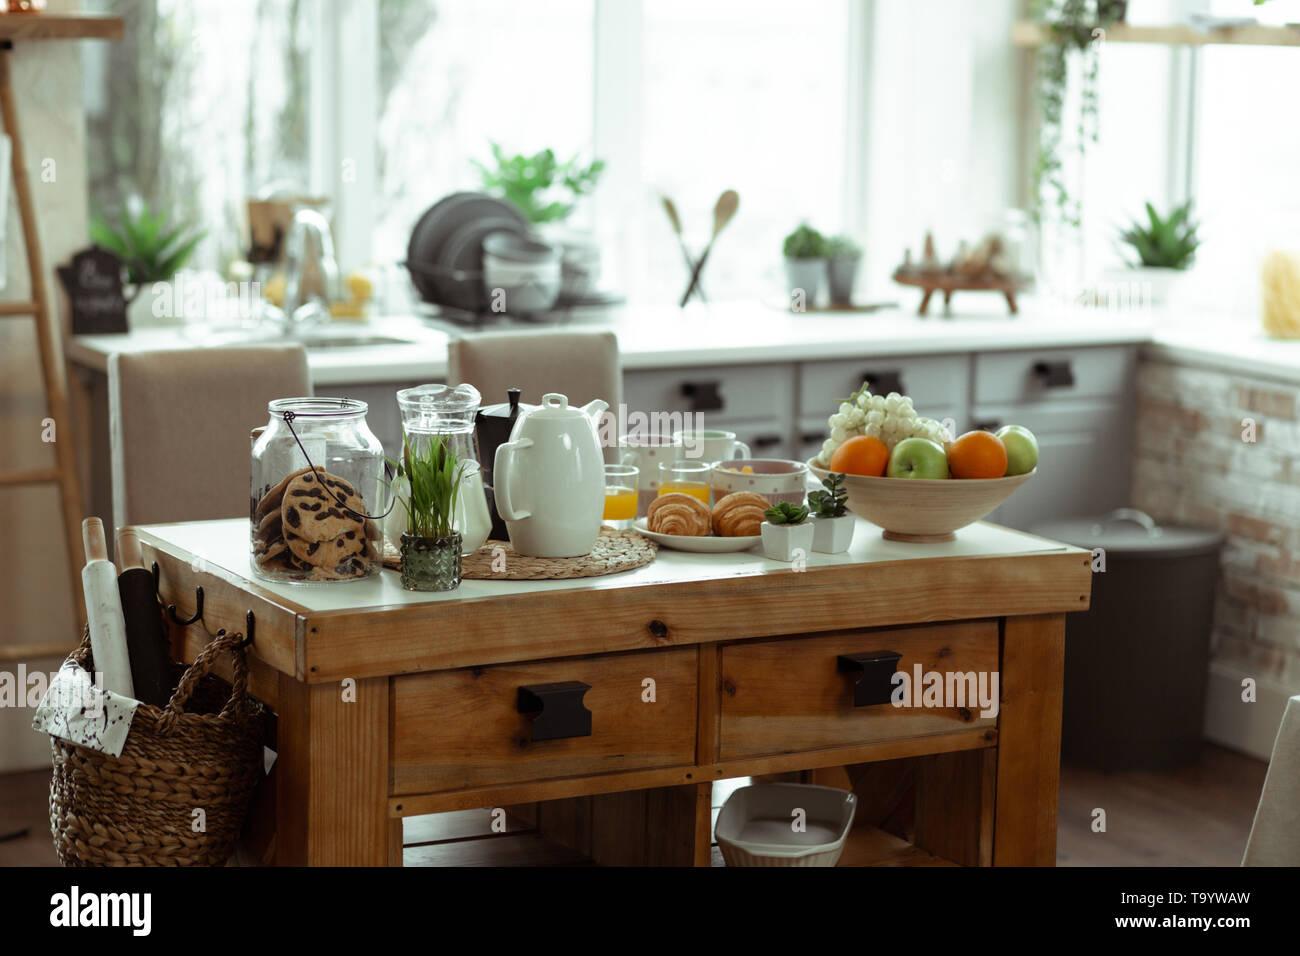 Foto von stilvoll mit Holz Tisch in der Küche platziert werden Stockbild